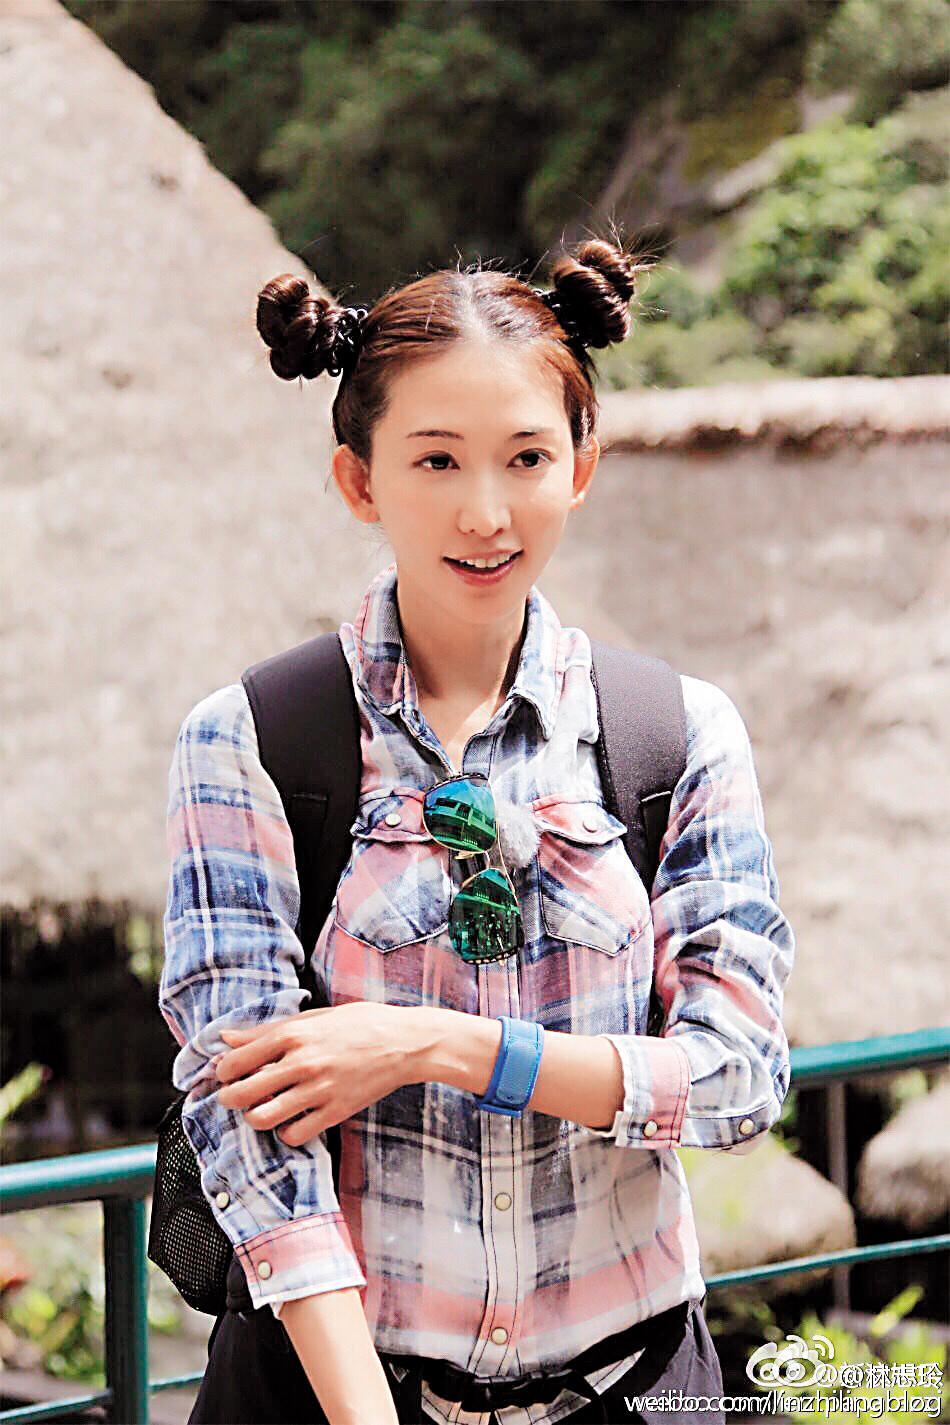 林志玲的戲劇作品並不太受外界肯定,反而在綜藝節目《花漾姐姐》賺了不少人民幣。(翻攝自林志玲微博)